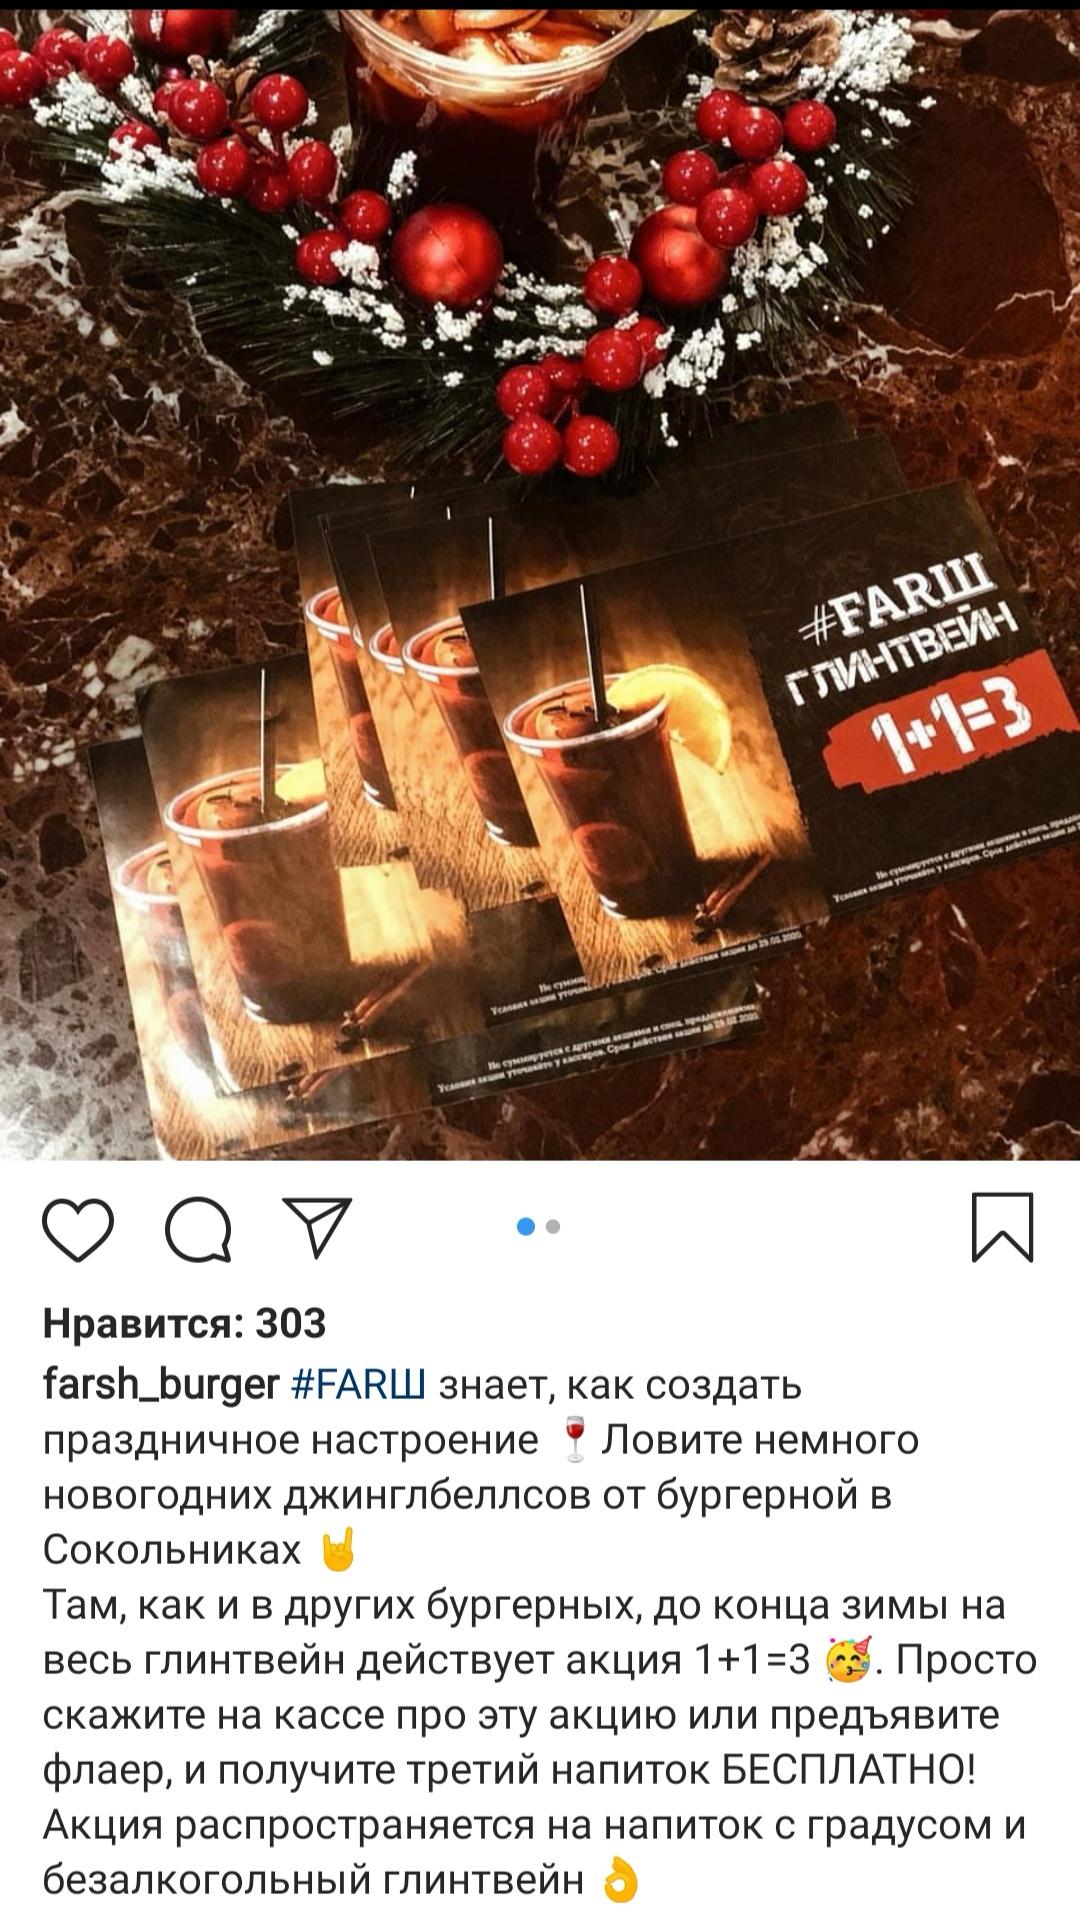 8 Лайфхаков для продвижения ресторана в Instagram, изображение №3